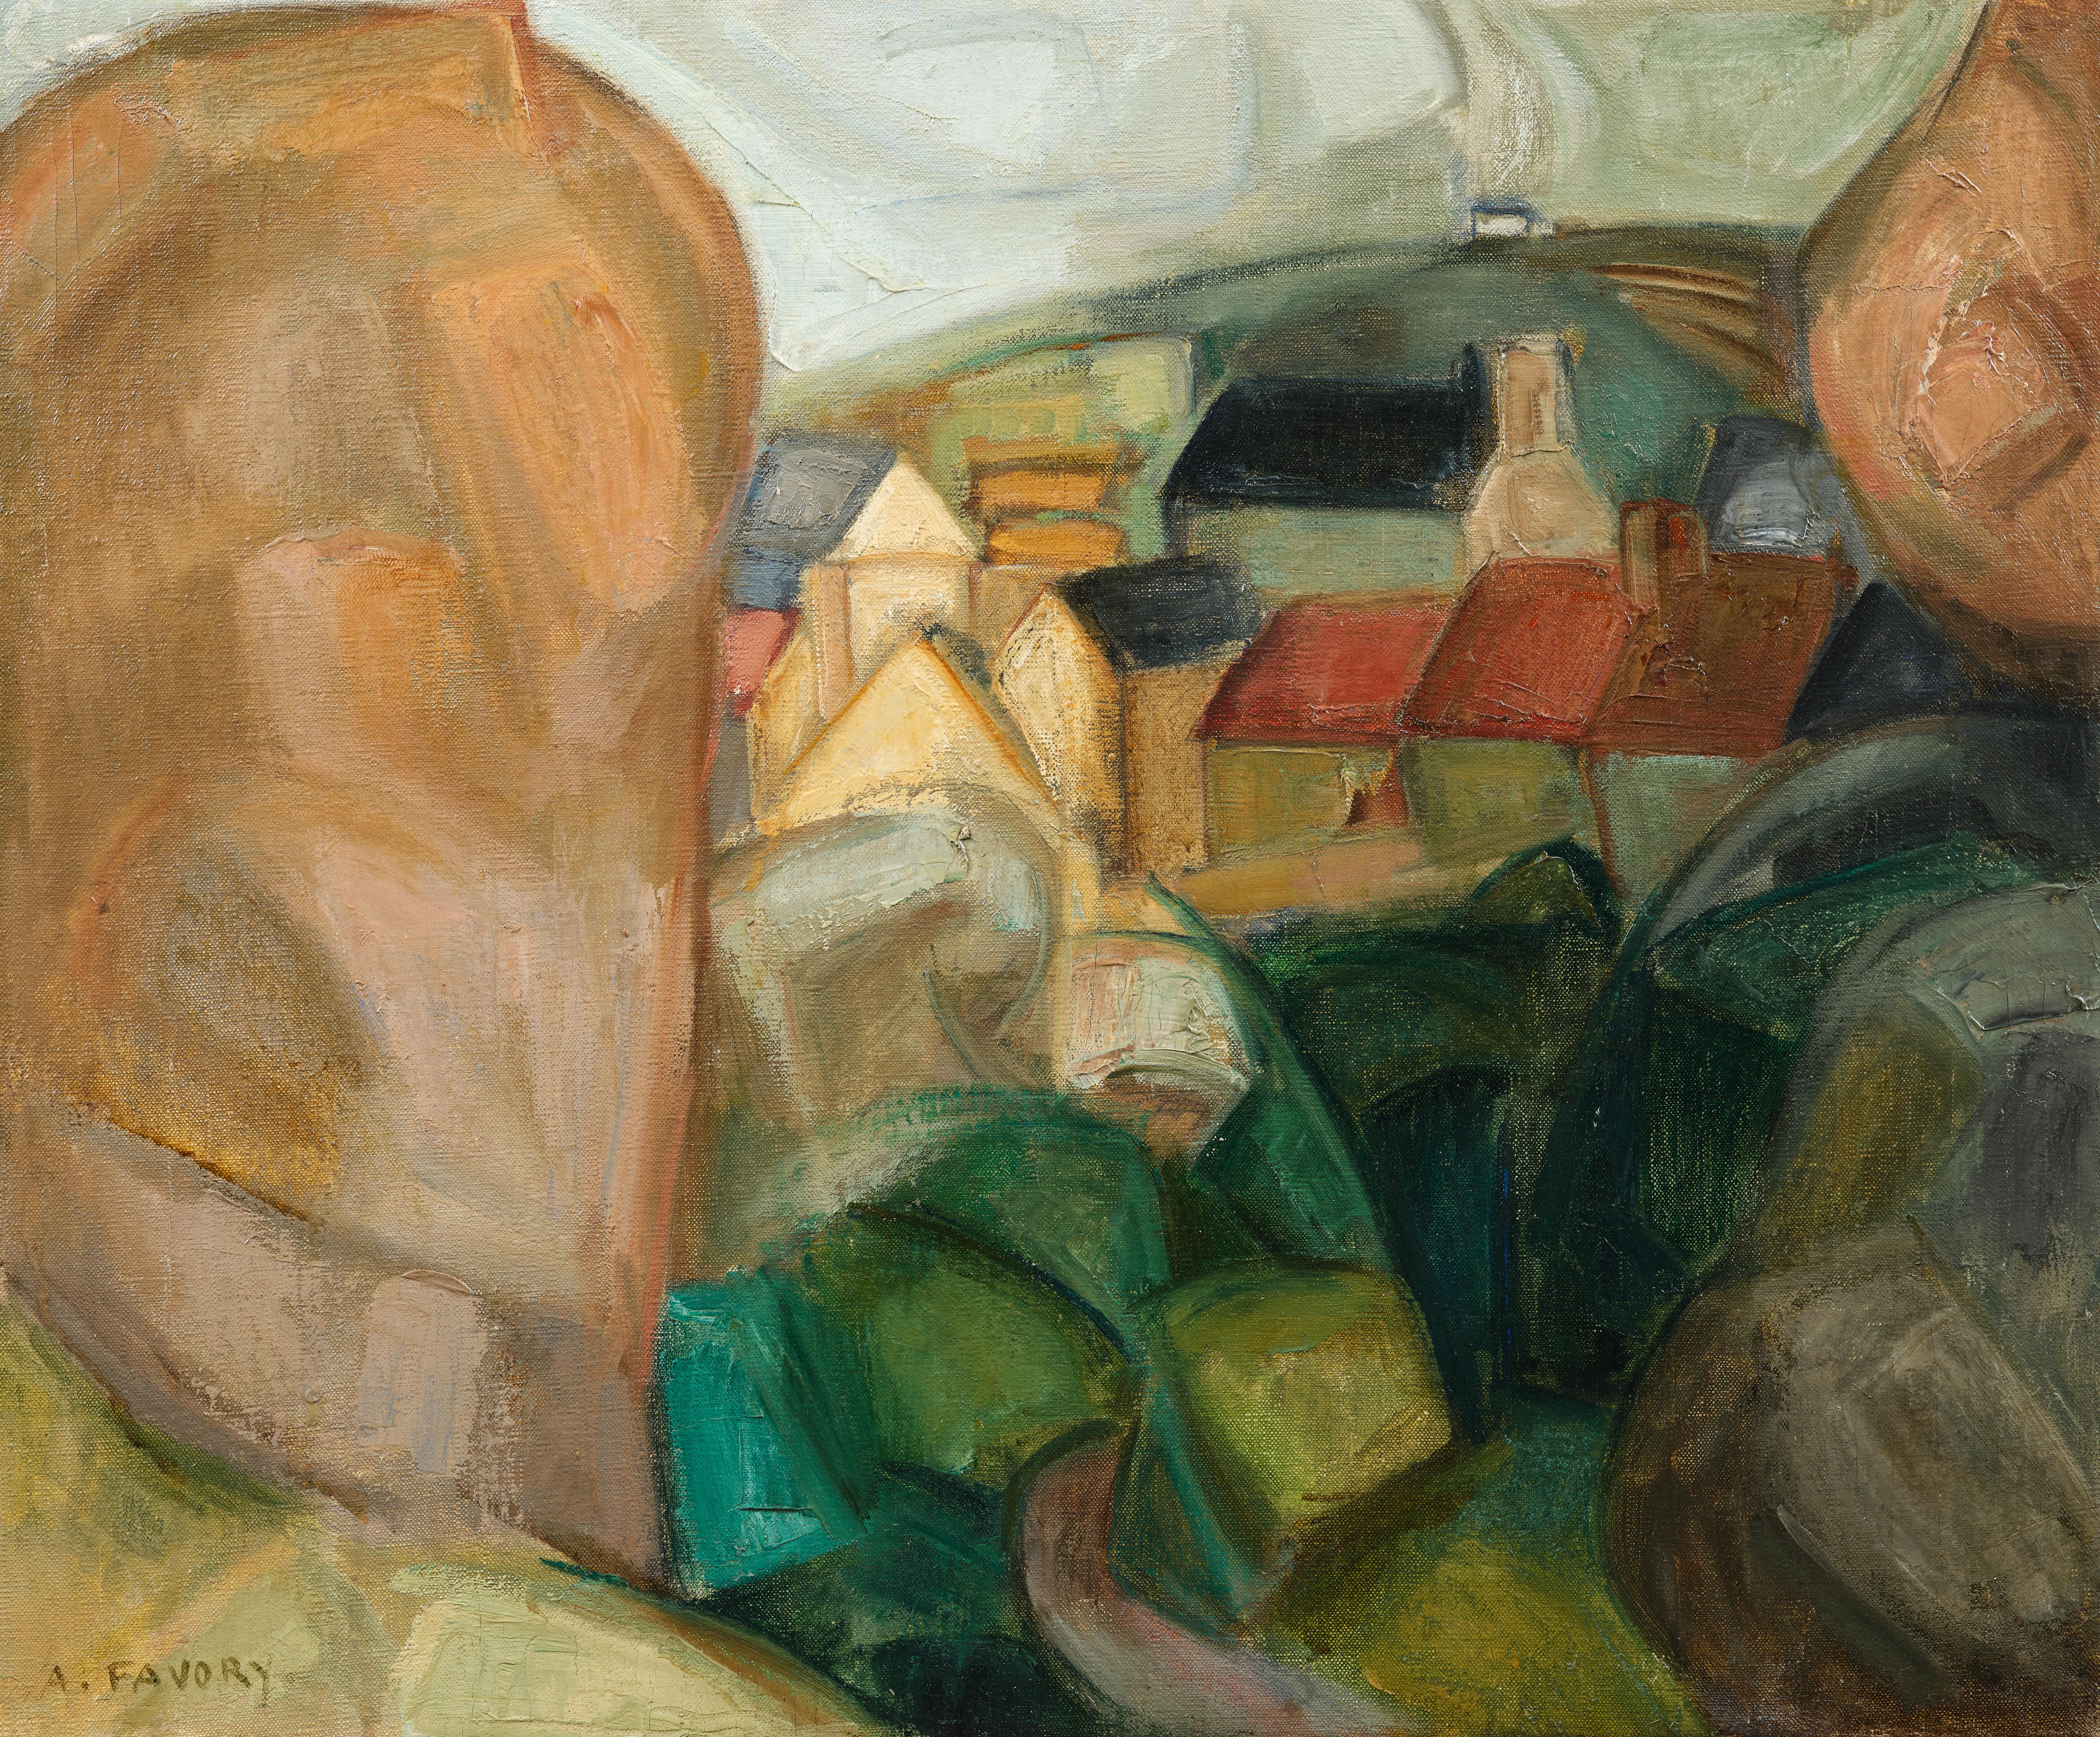 Paysage de Bretagne cubiste - tableau de André Favory, vendu par la galerie Marek & Sons